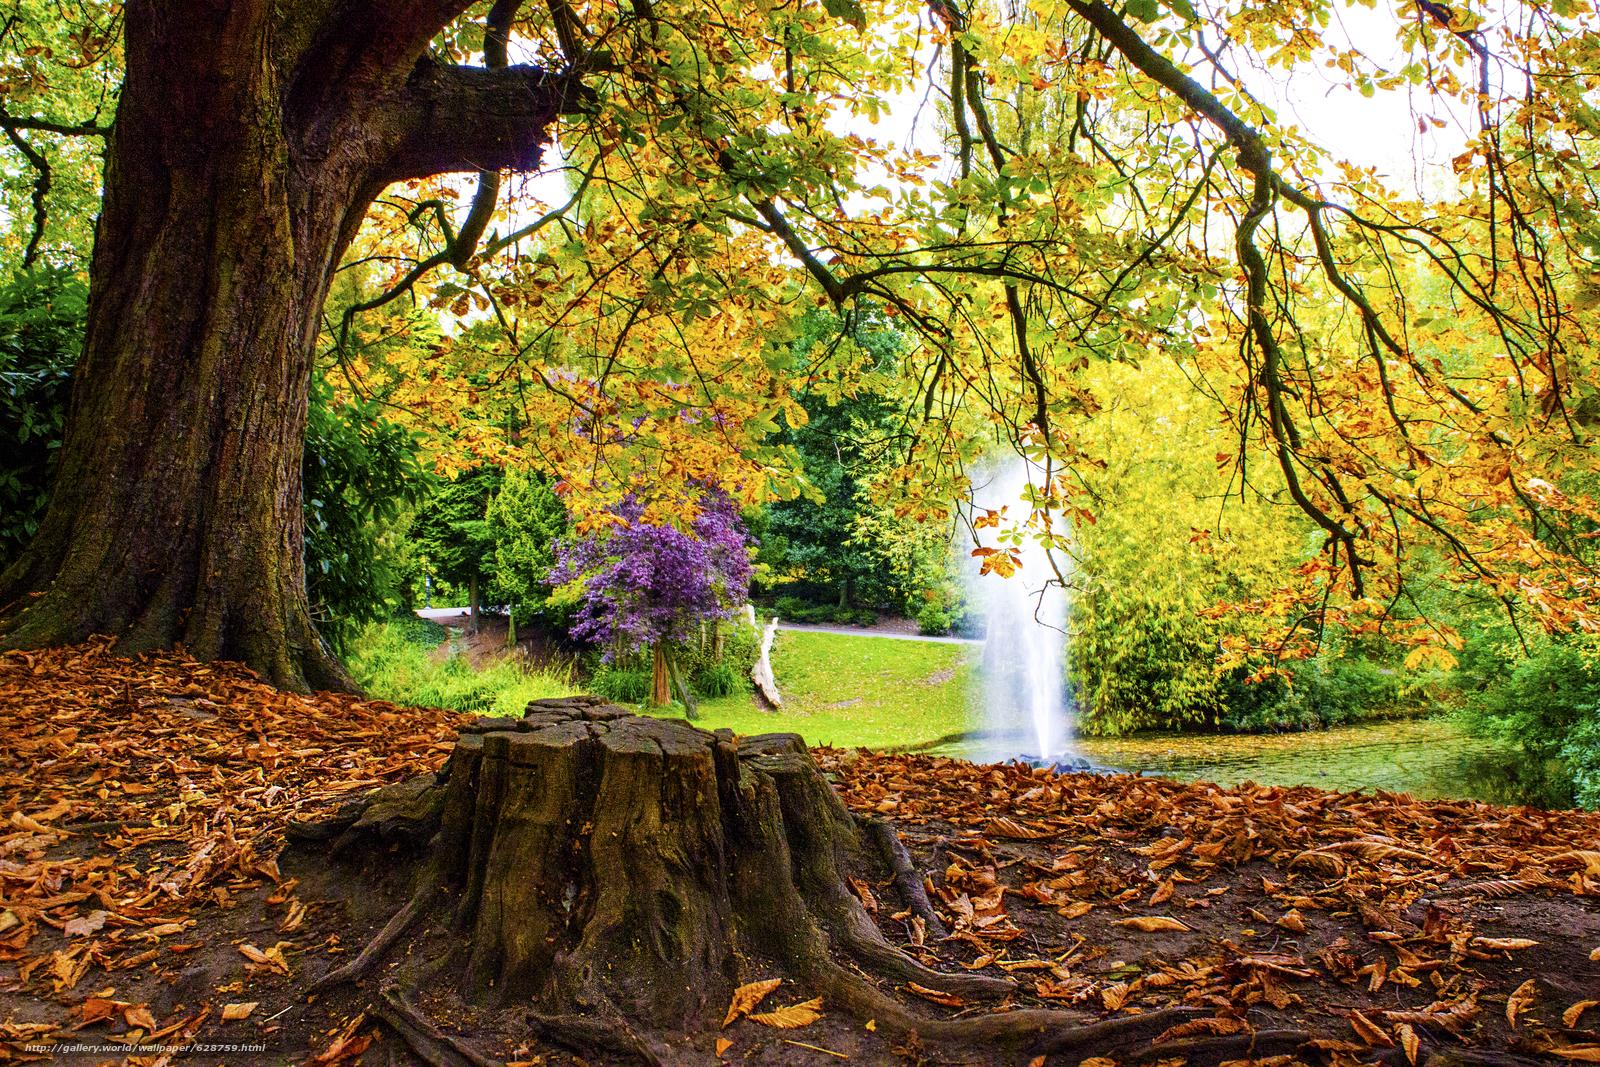 пруд, фонтан, парк, деревья, осень, пейзаж